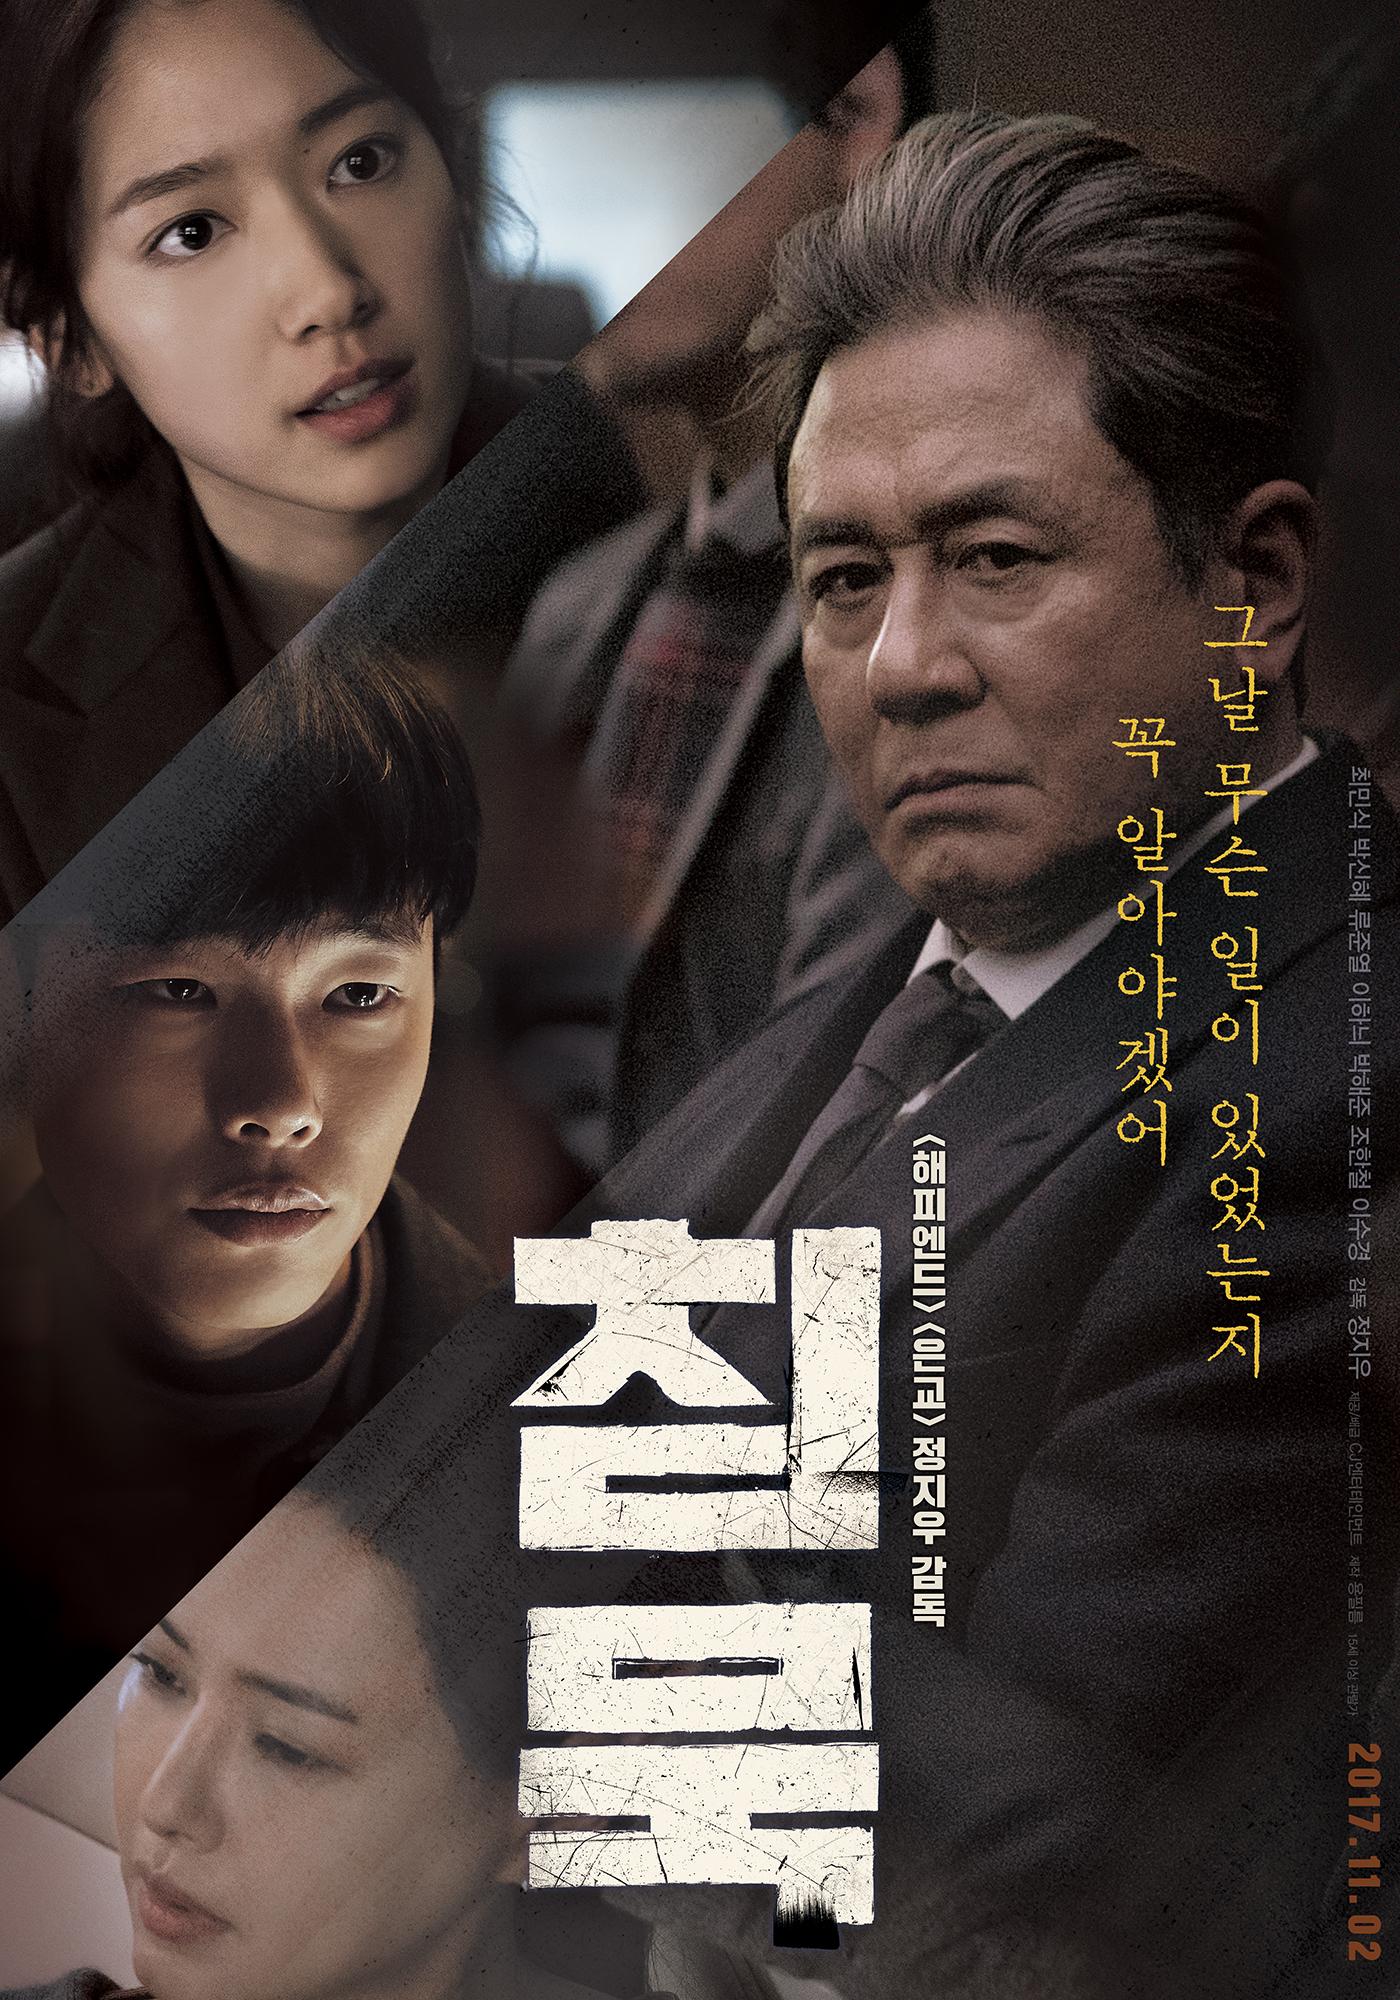 <침묵> 드라마틱한 긴장감 담은 메인 포스터 공개!